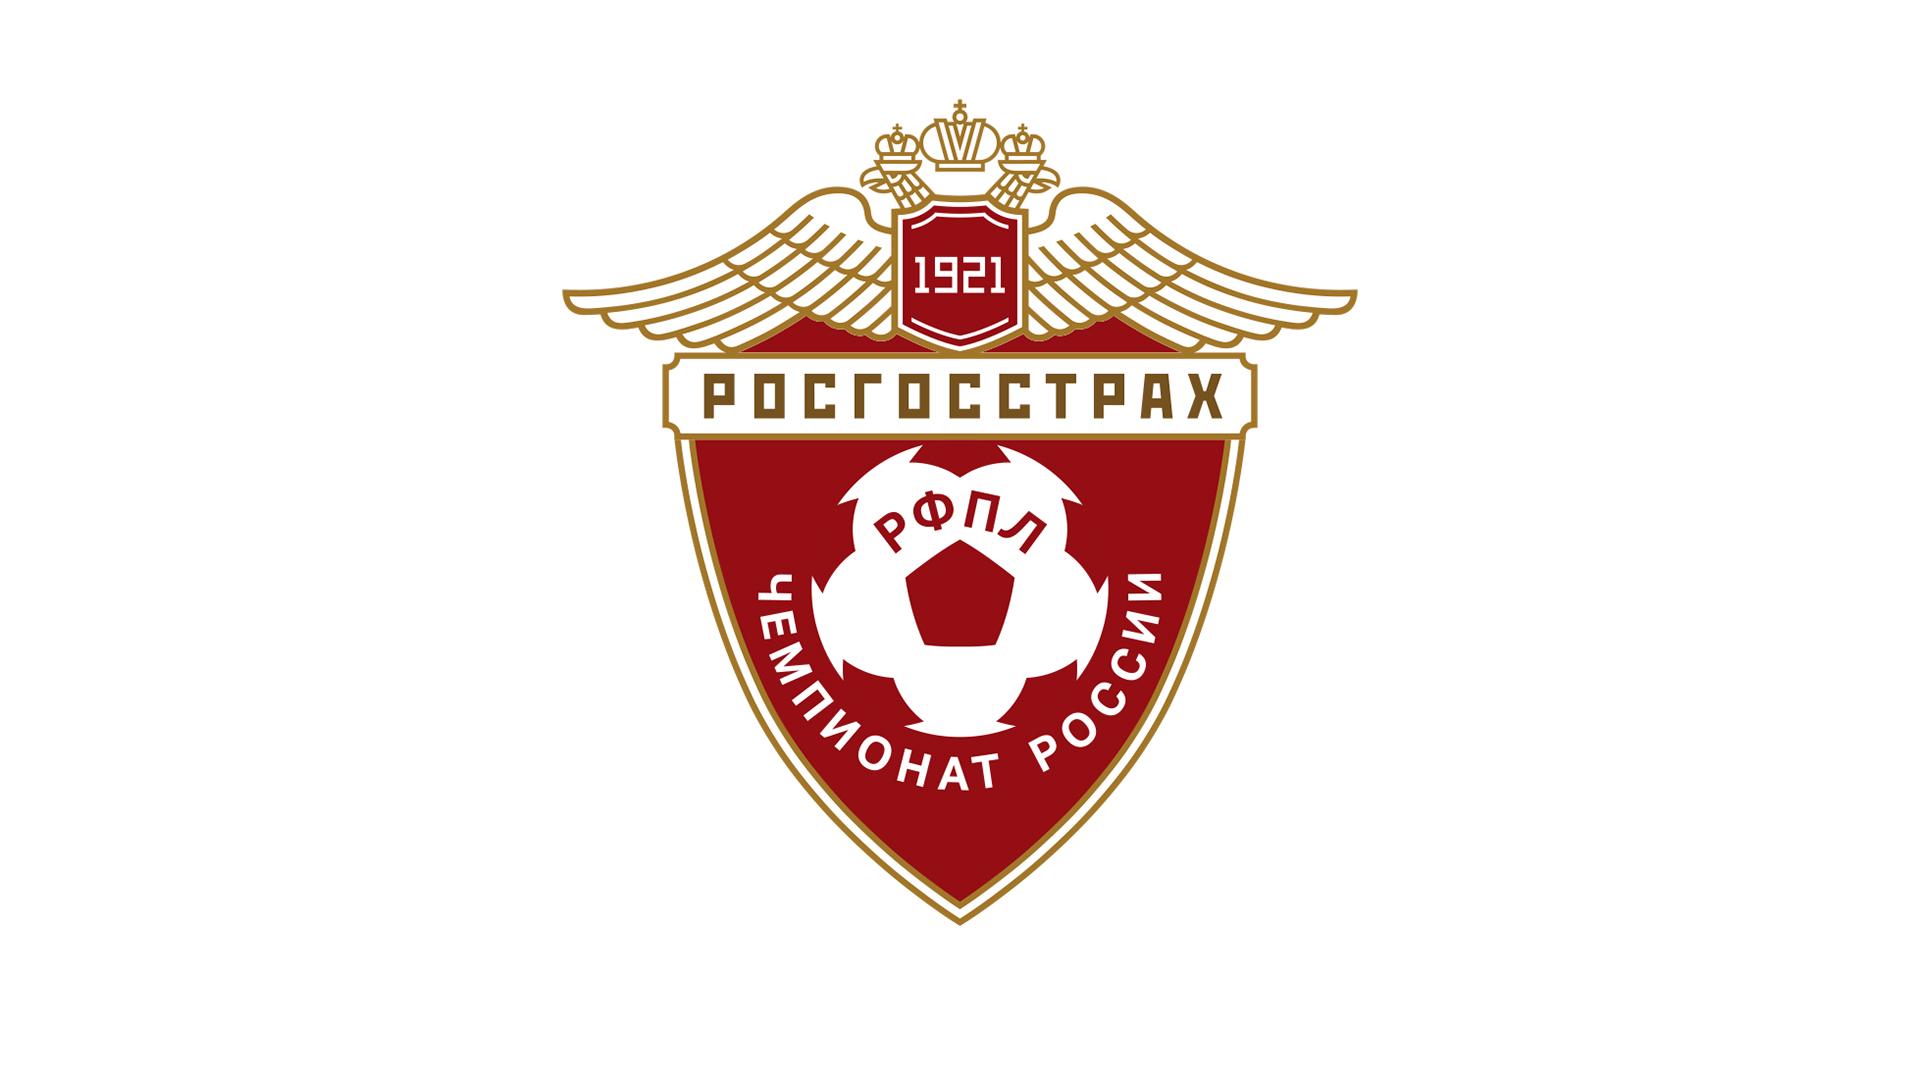 Официальные лица 27-го тура РОСГОССТРАХ Чемпионата России по футболу